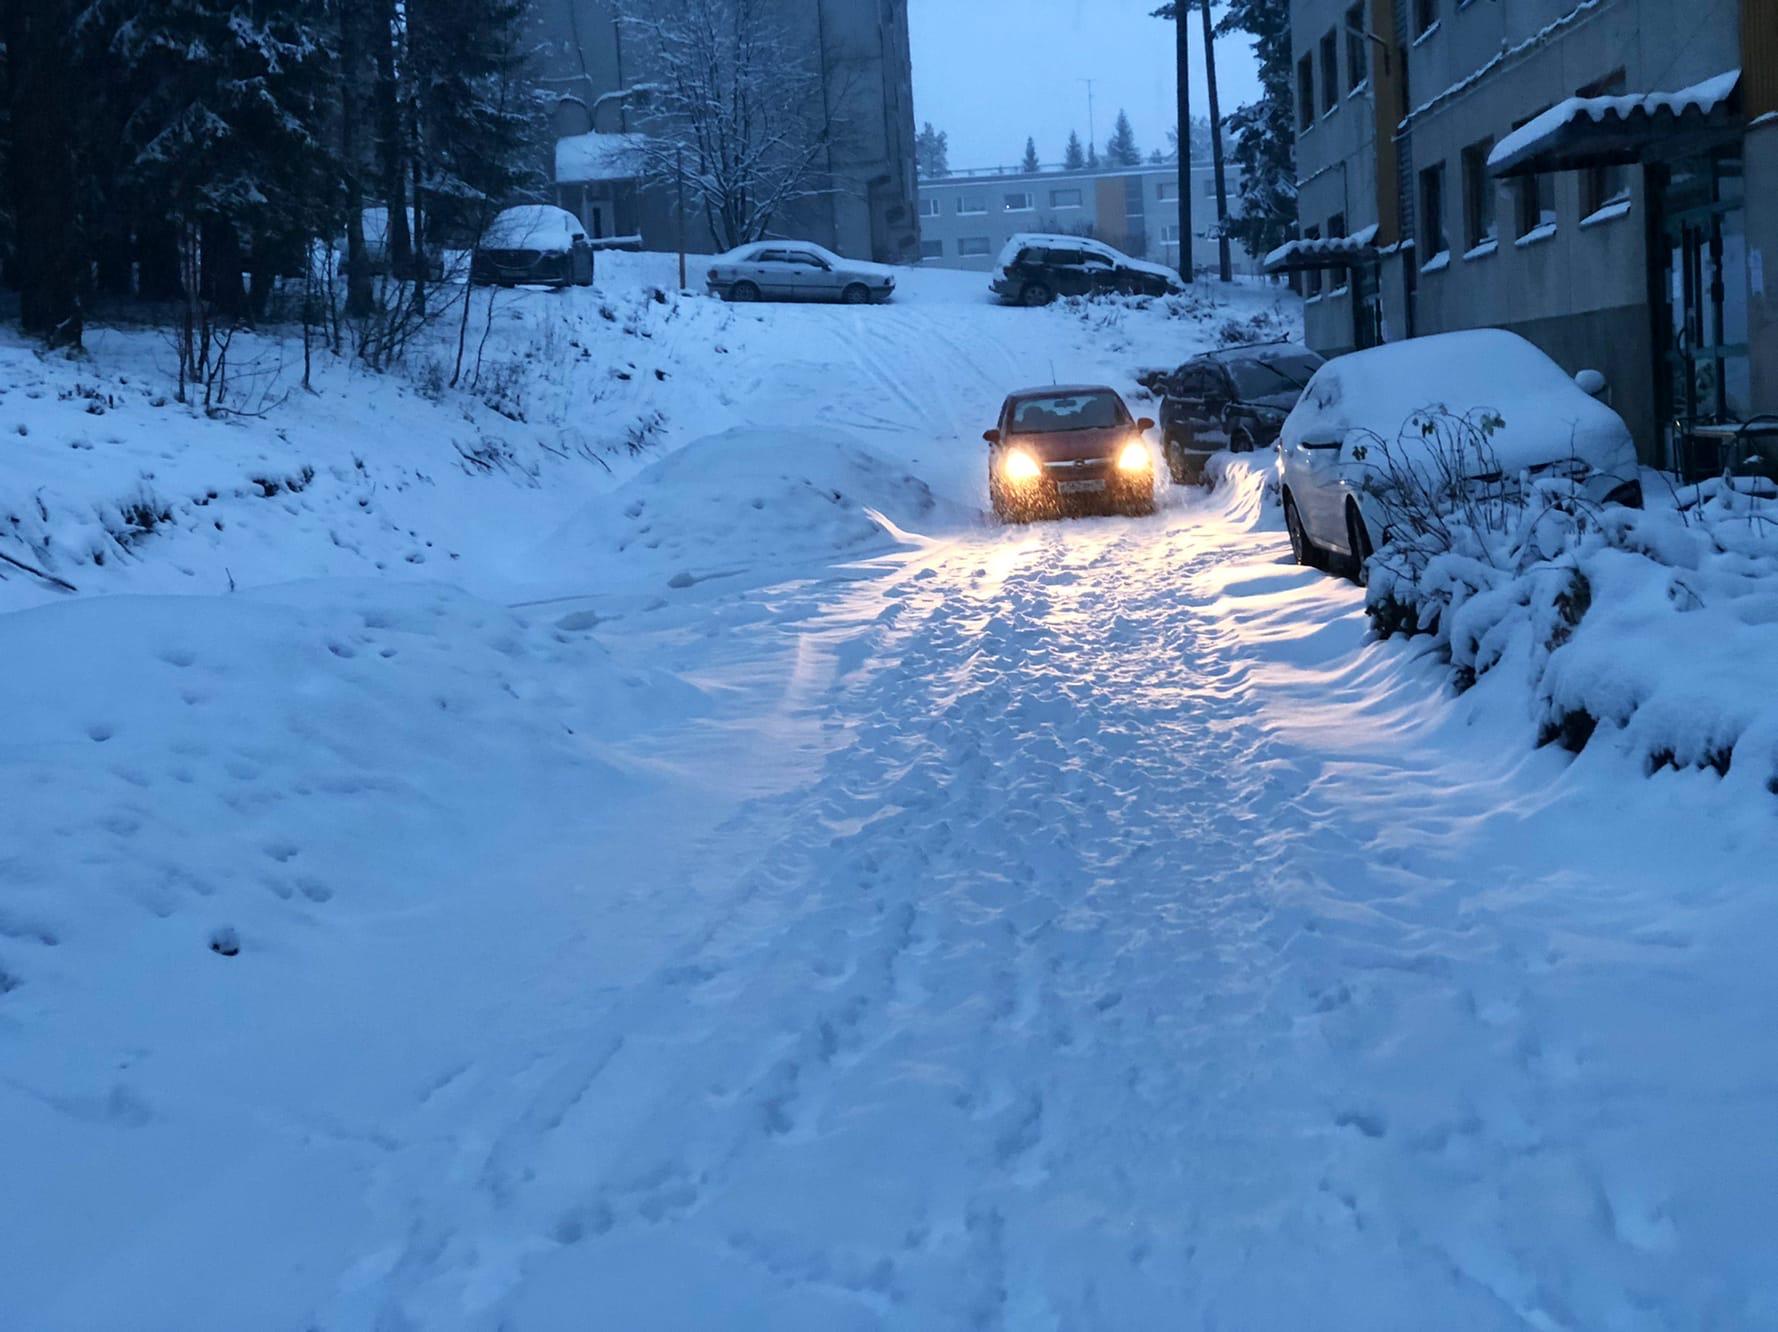 Горняков 5 снег